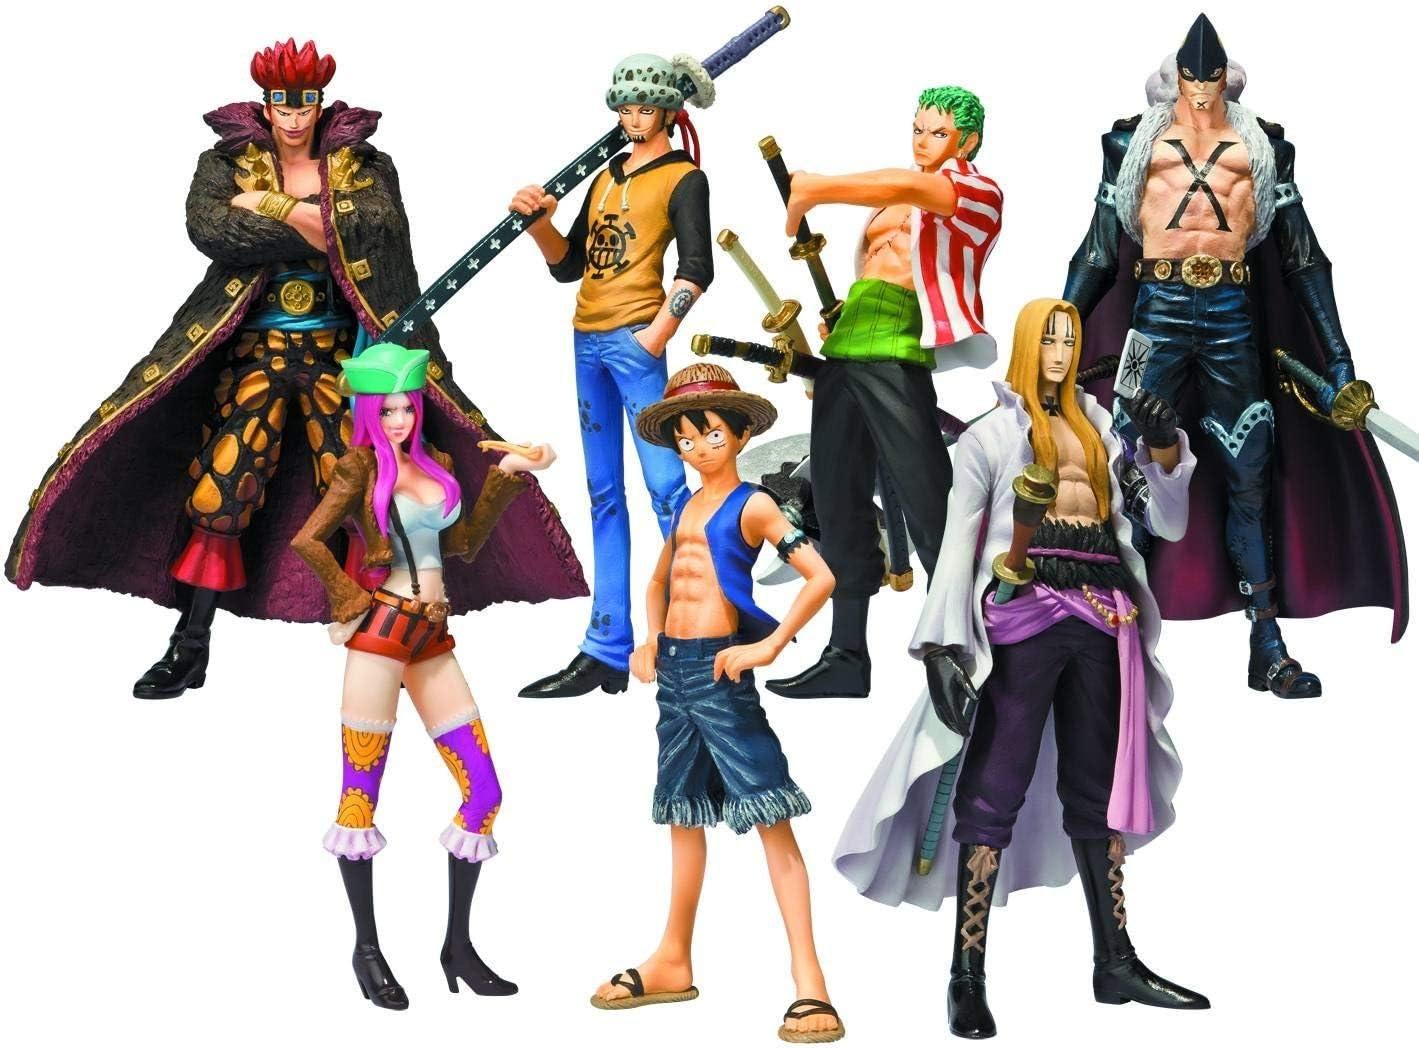 Bandai - Pack de 8 Figurines One Piece Soul of Hyper Figuration - 4543112728814: Amazon.es: Juguetes y juegos